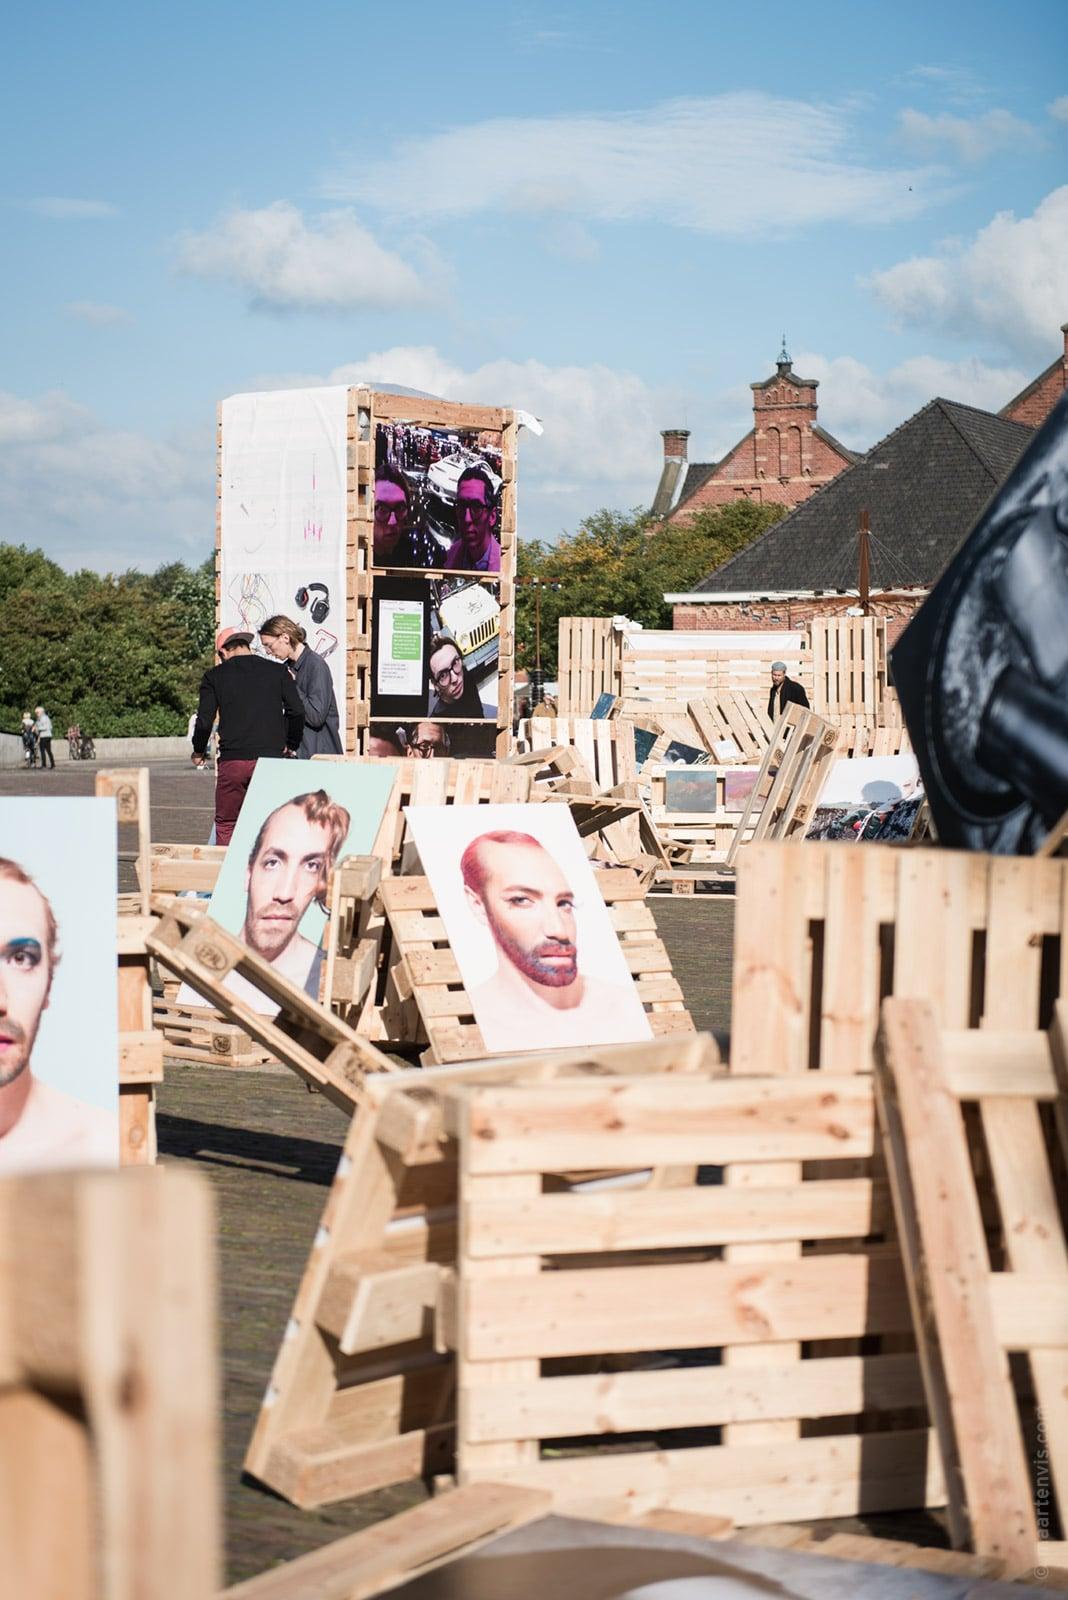 20150917 1781 - Unseen Photo Fair Amsterdam